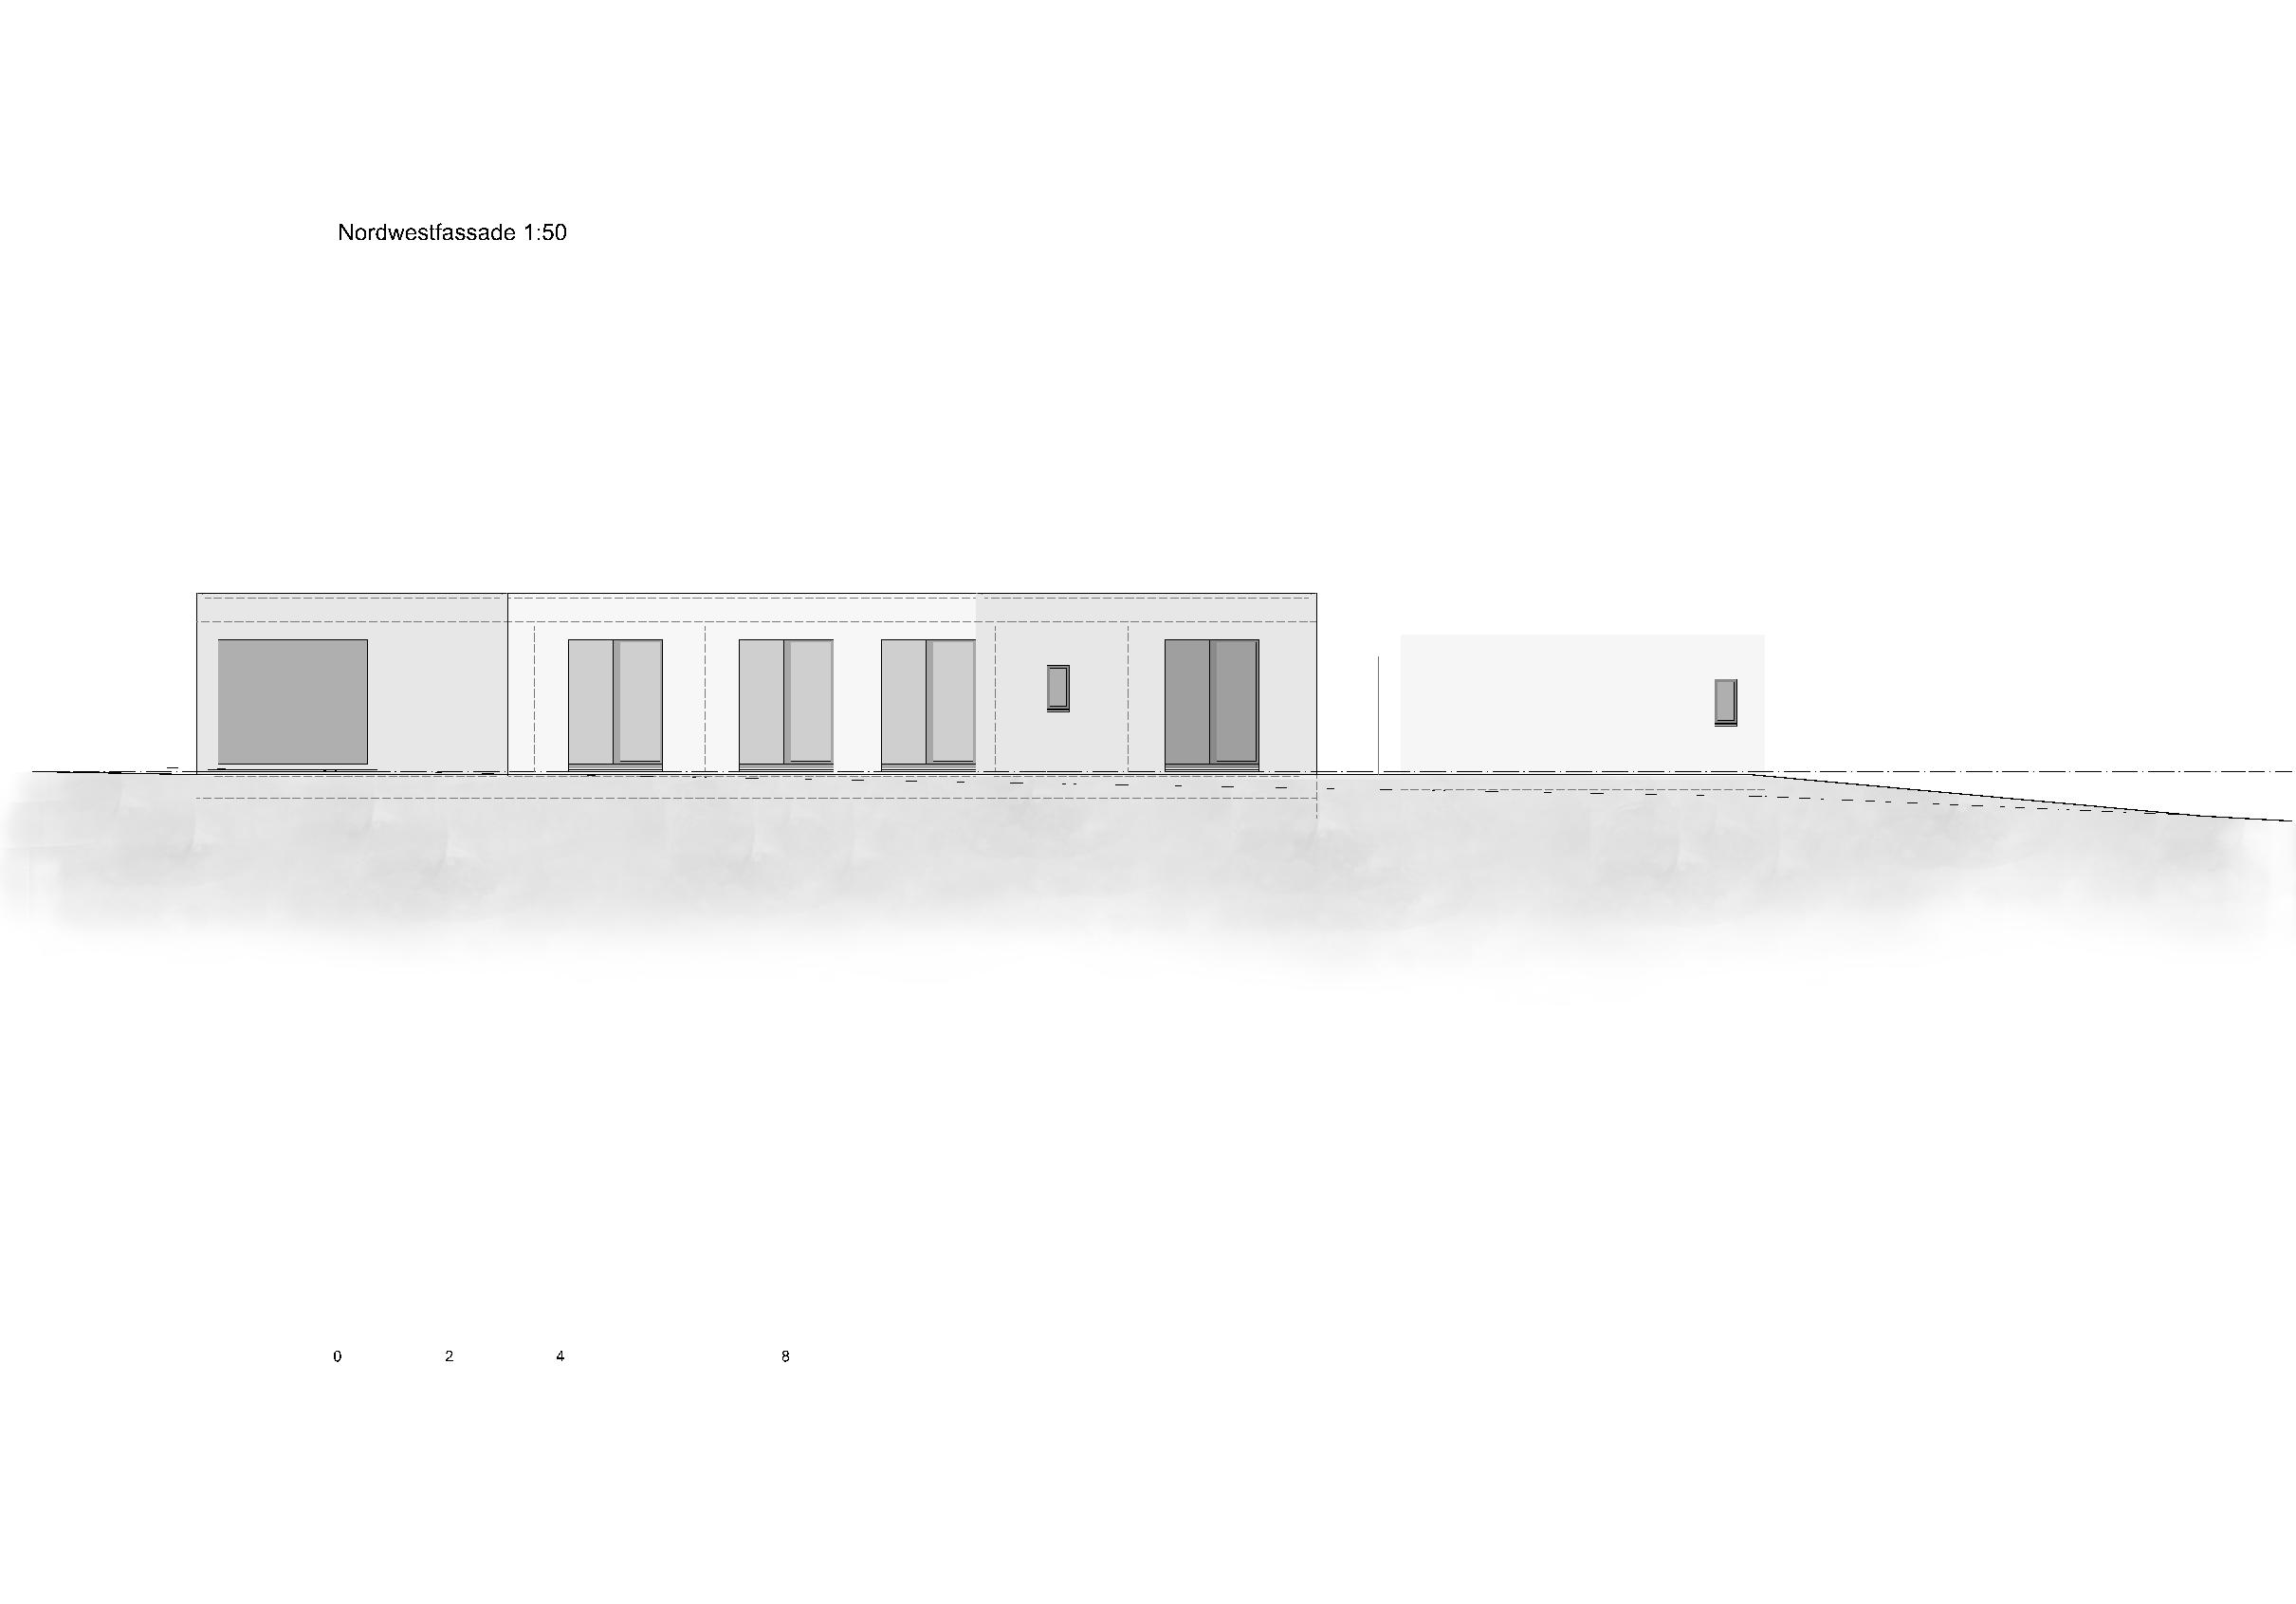 Nordwestfassade 1:50 Ersatzneubau - Bungalow Mediterrano von Studio Baumann